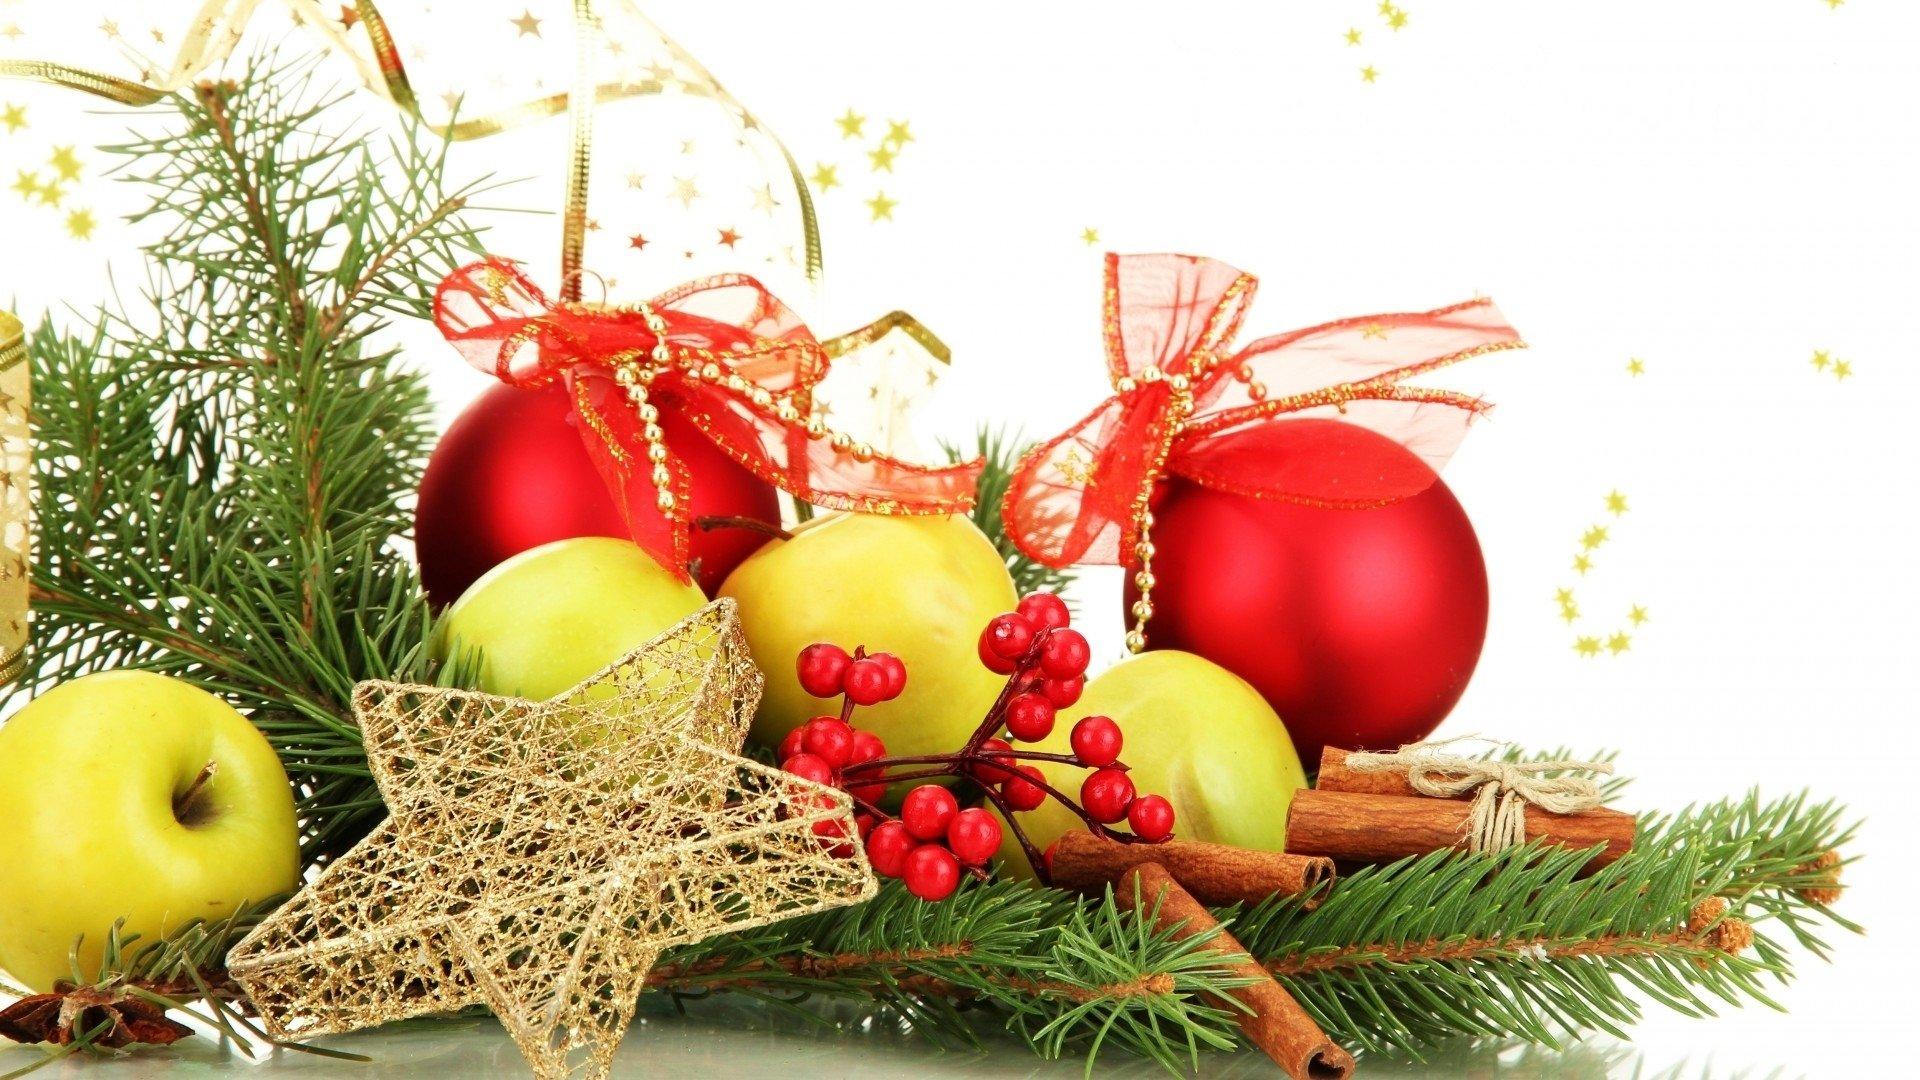 食物 - 苹果  圣诞节 Decoration Star Cinnamon Bauble 壁纸